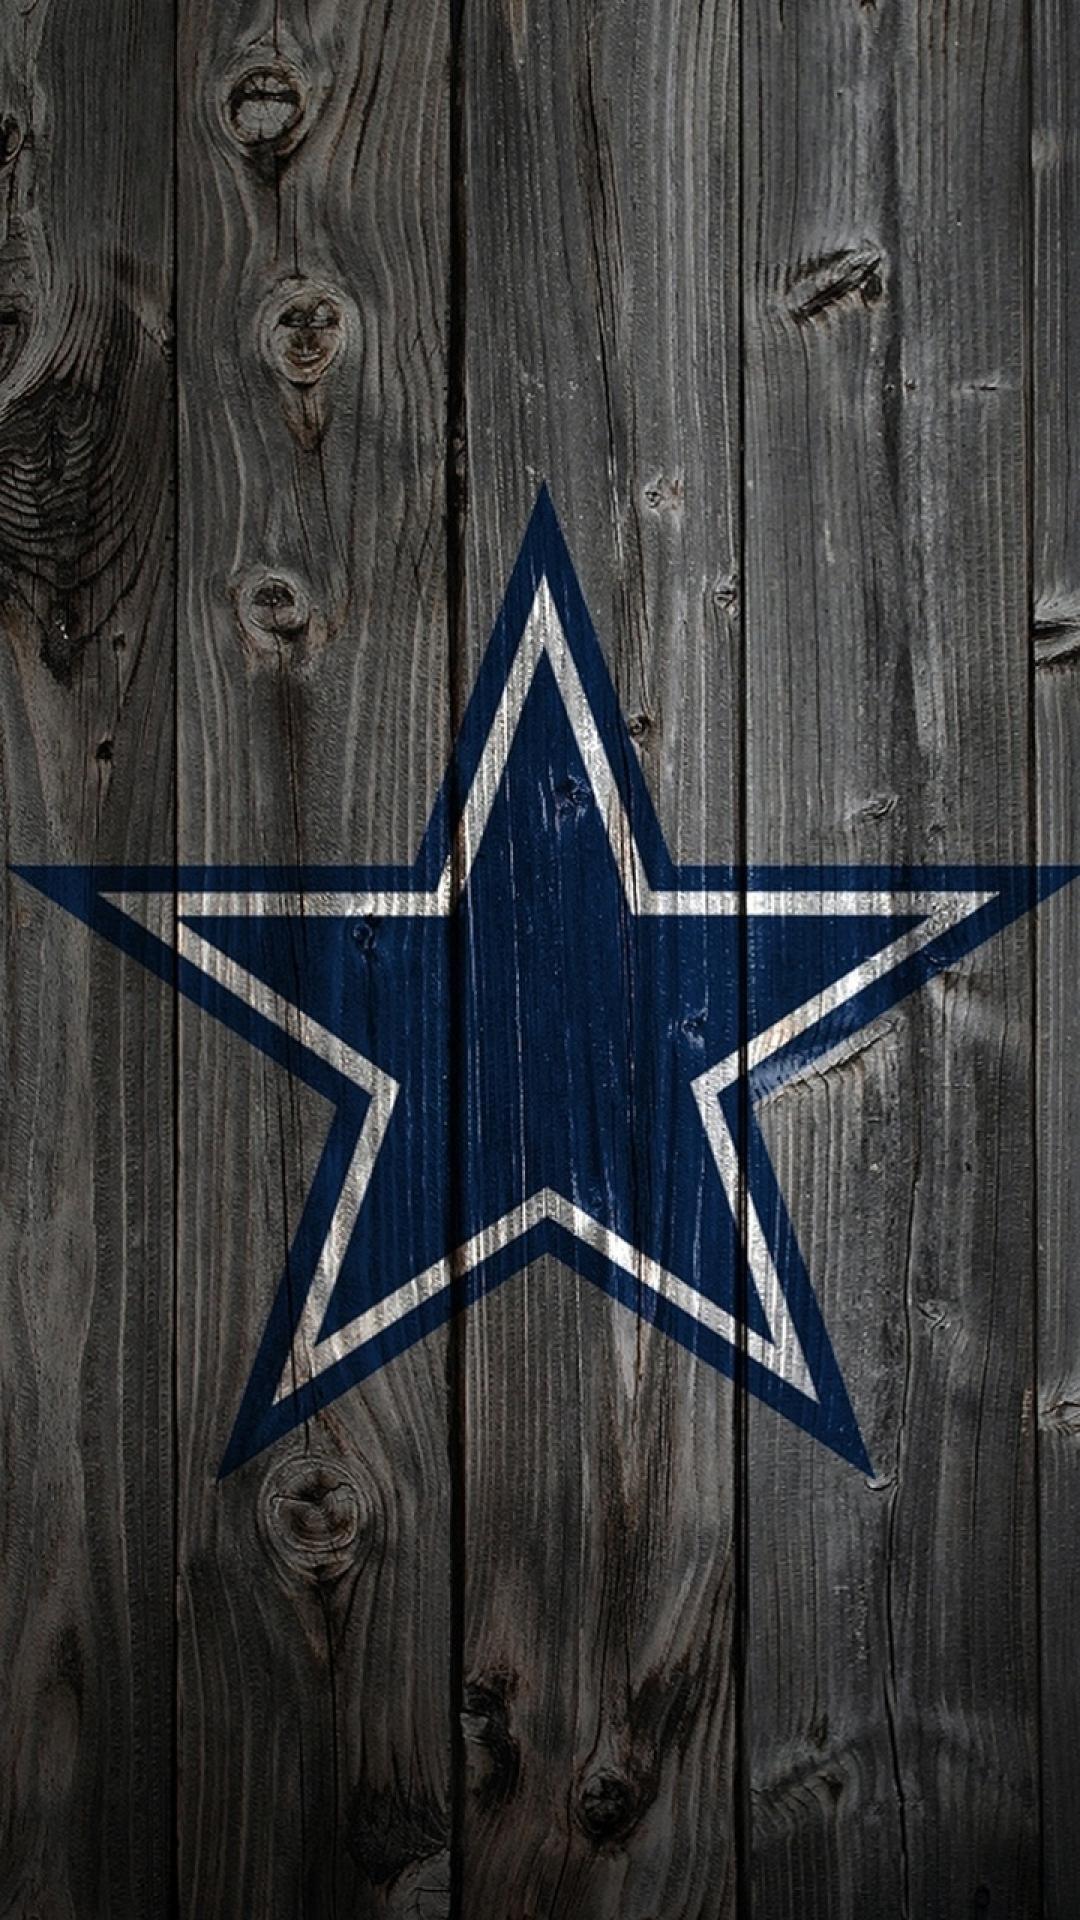 Dallas_Cowboys-wallpaper-10509219-by-tonykkakko1